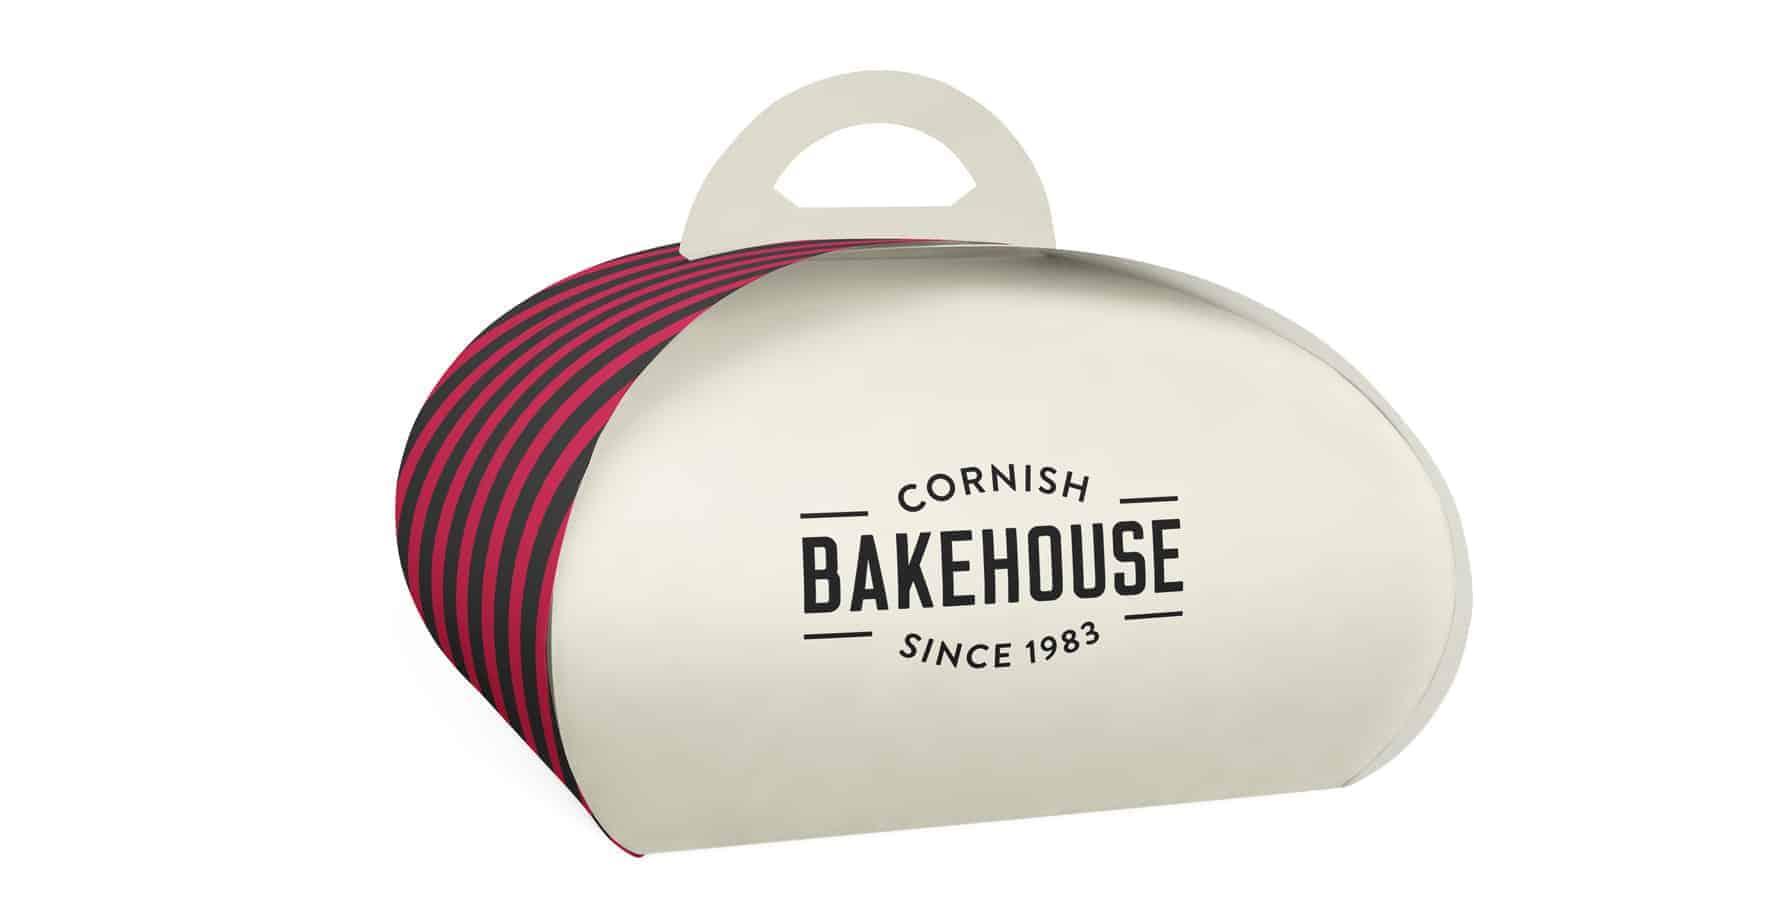 Cornish Bakehouse Custom Personalised Cake Boxes Curved